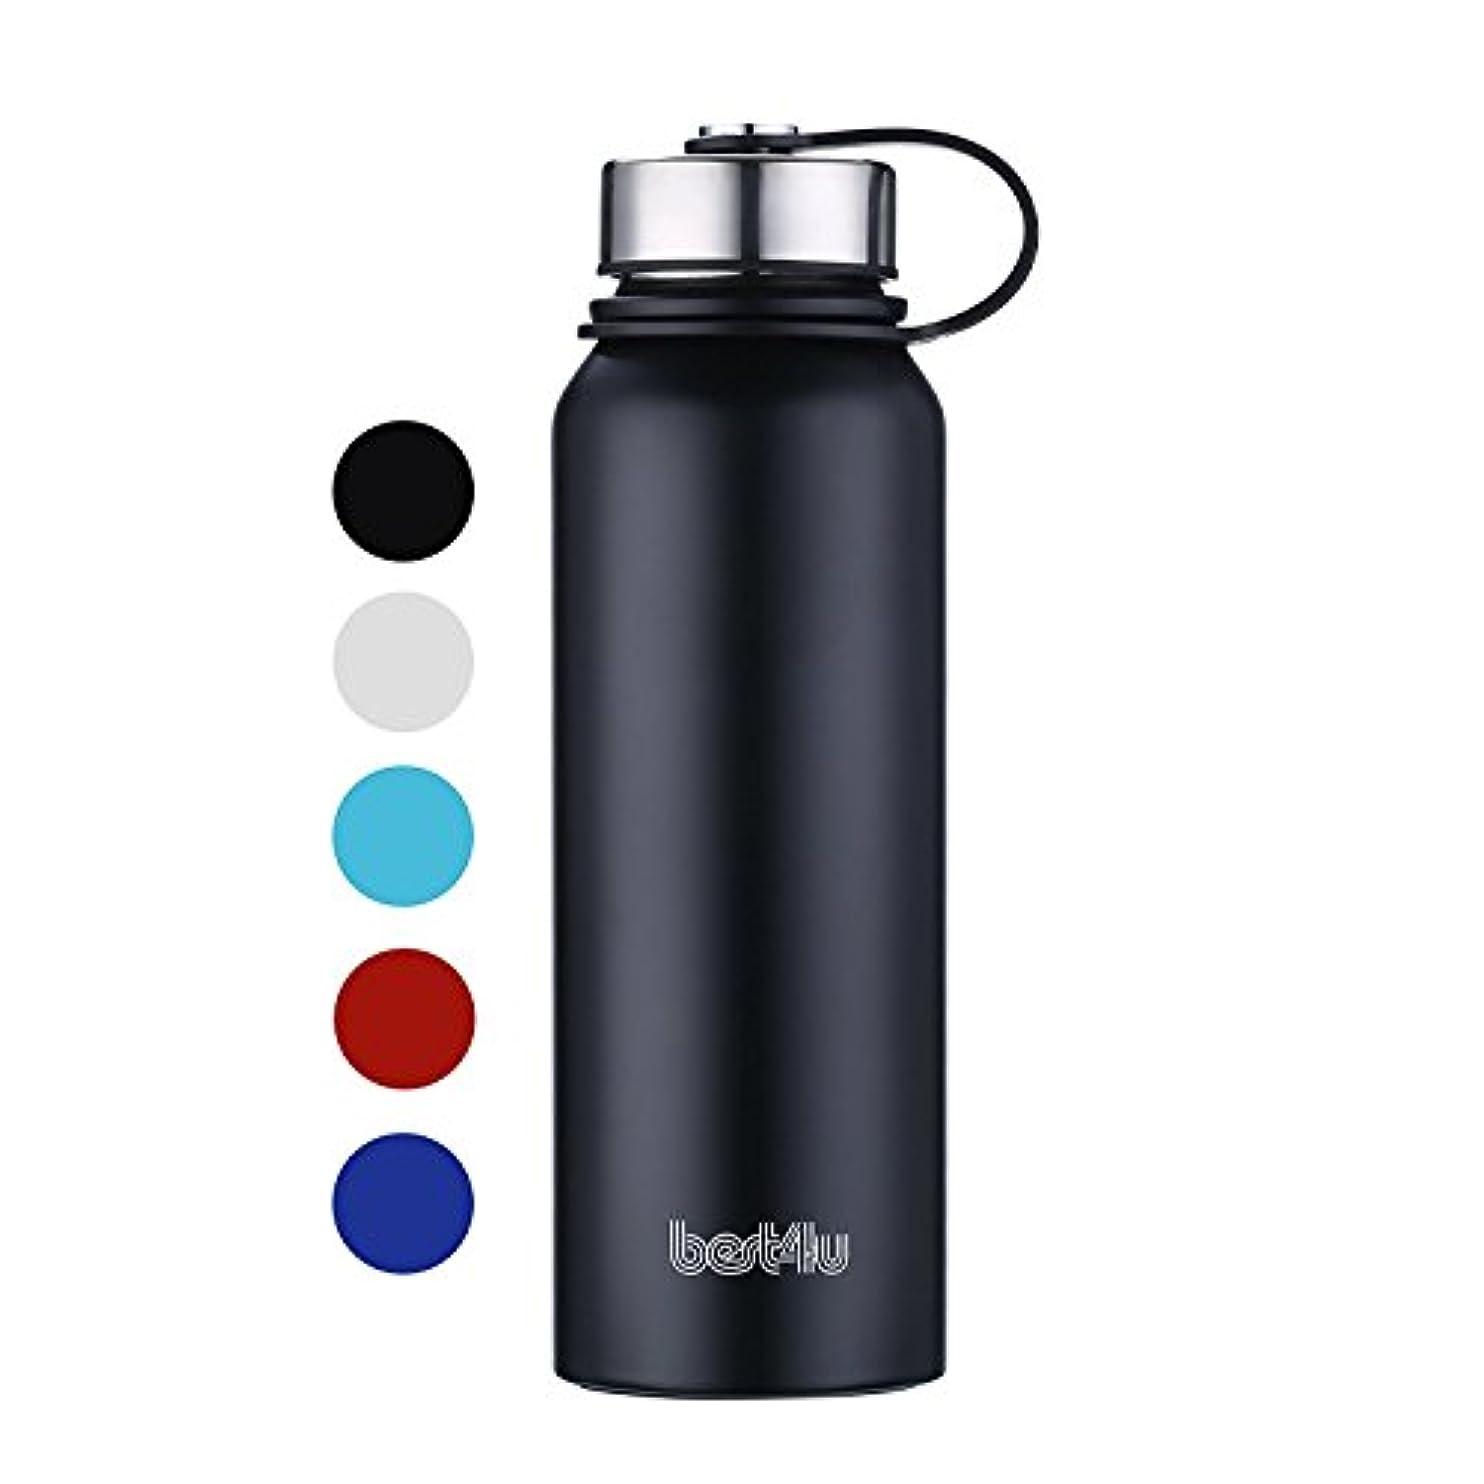 背が高い熱心best4uステンレススチール水ボトル – 真空断熱ウォーターボトルステンレススチールリーク&防汗キャップ、ダブル壁ThermosのフラスコホットまたはCold Beverages、37oz。/ 1100ml